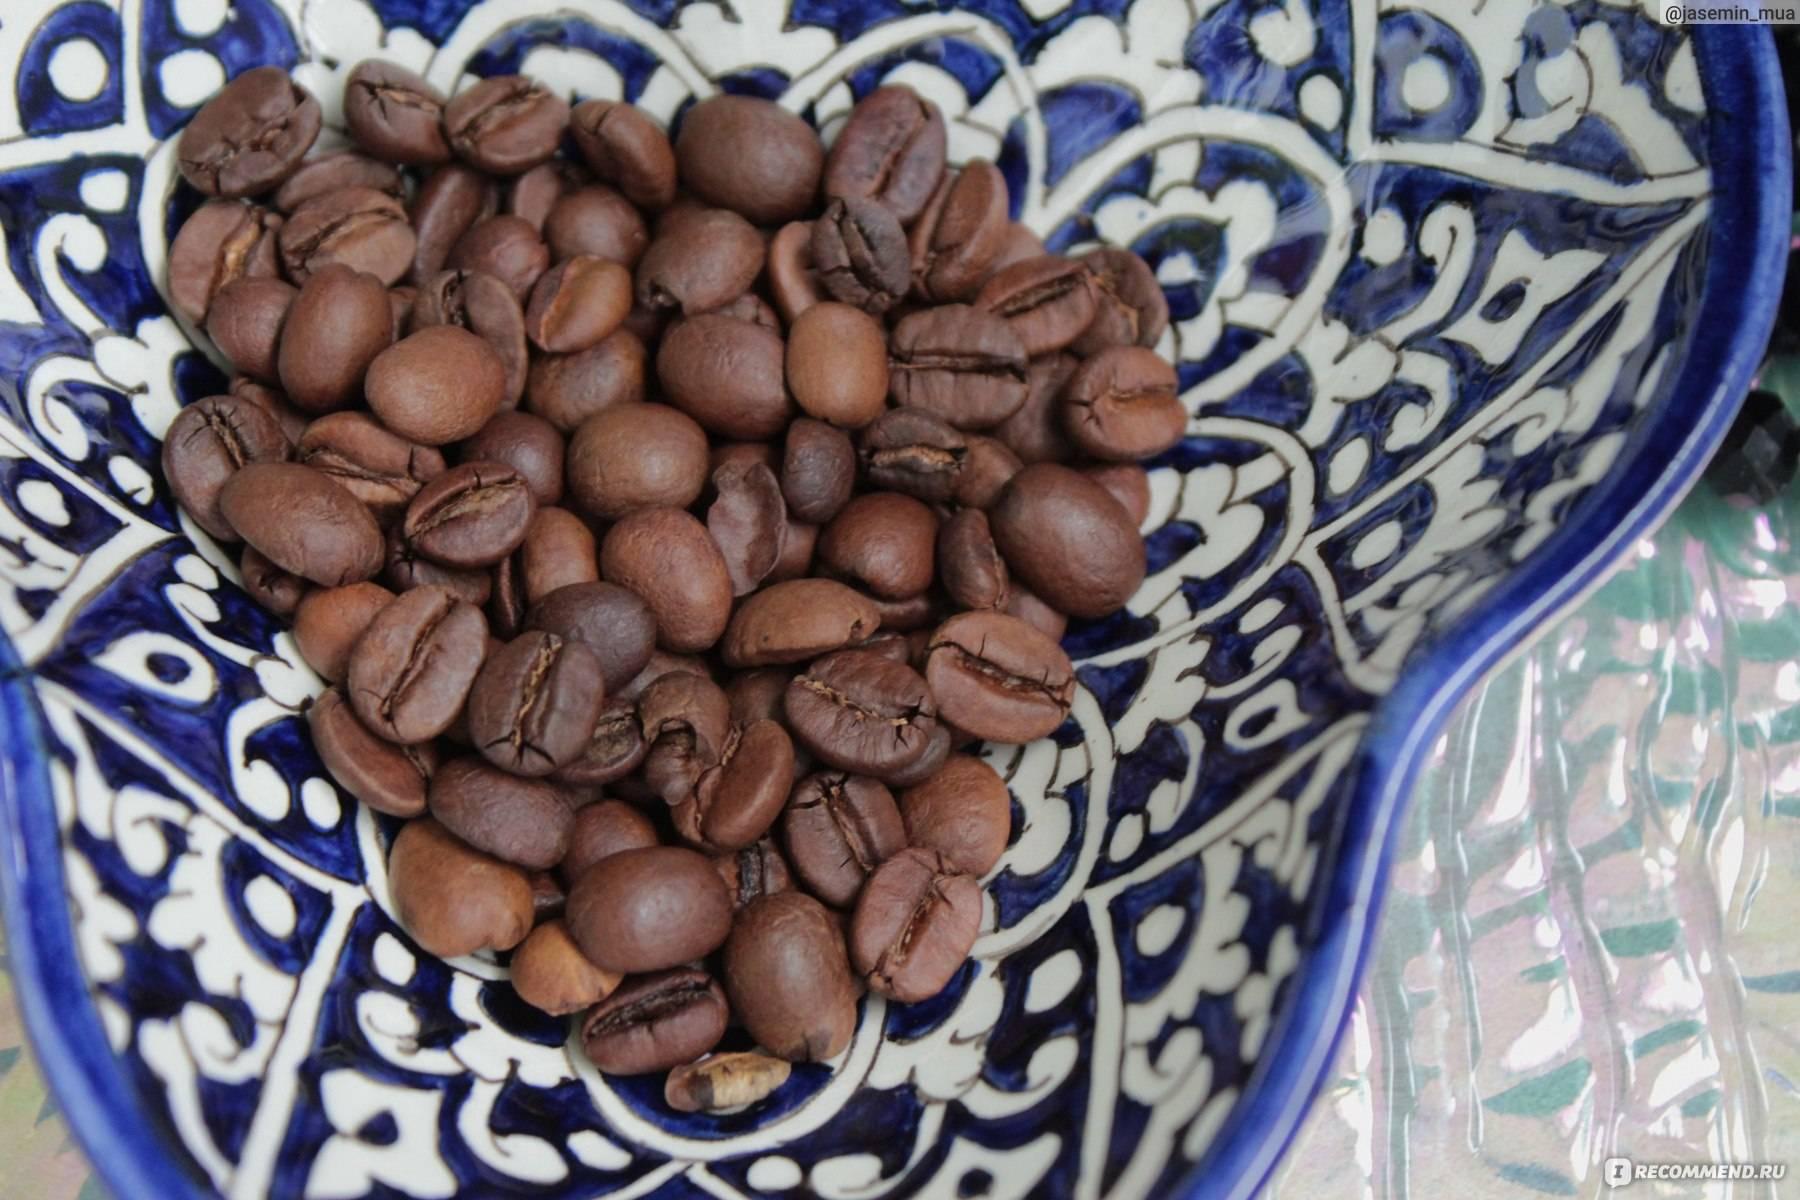 Кофе в мексике – особенности, сорта и описание, вкусовые характеристики. местные рецепты приготовления